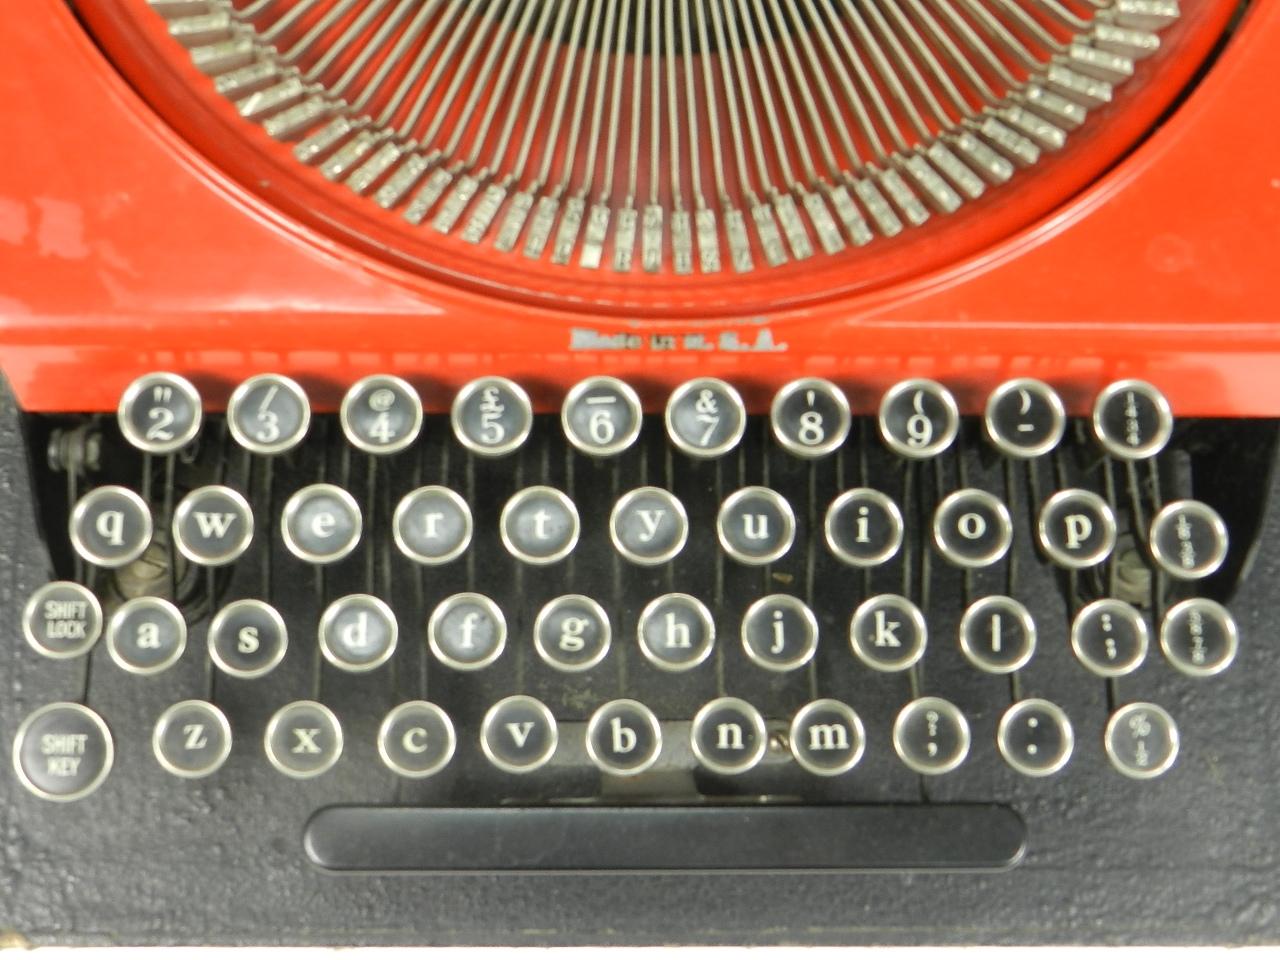 Imagen REMINGTON MONARCH PIONEER AÑO 1932 29931